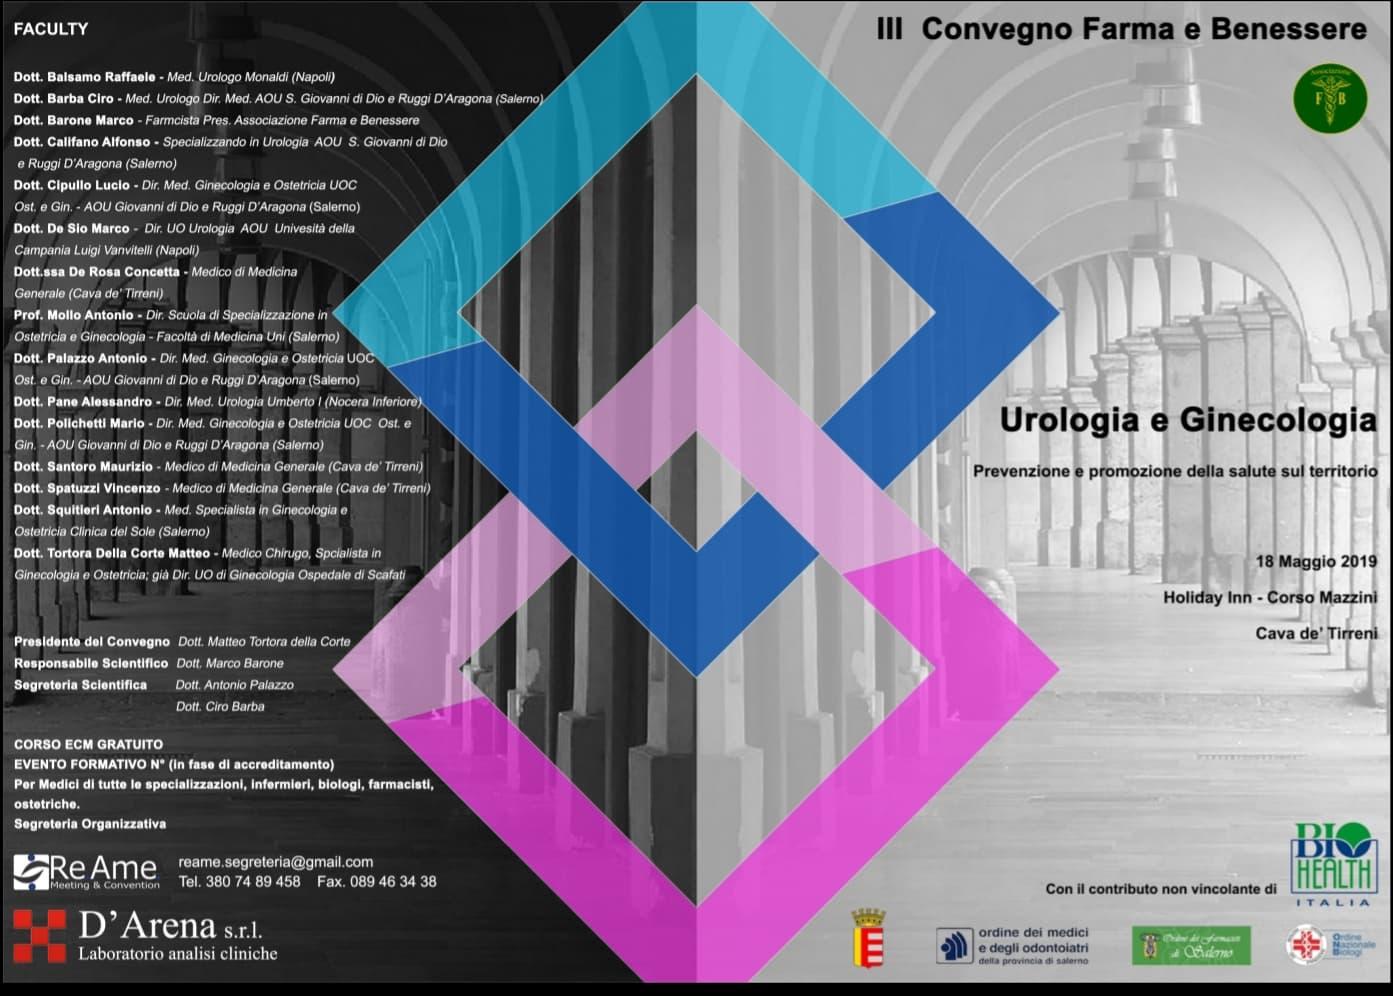 Sabato 18 Maggio Holiday Inn Cava De Tirreni Convegno Ecm Biohealth Italia Urologia E Ginecologia Farma E Benessere